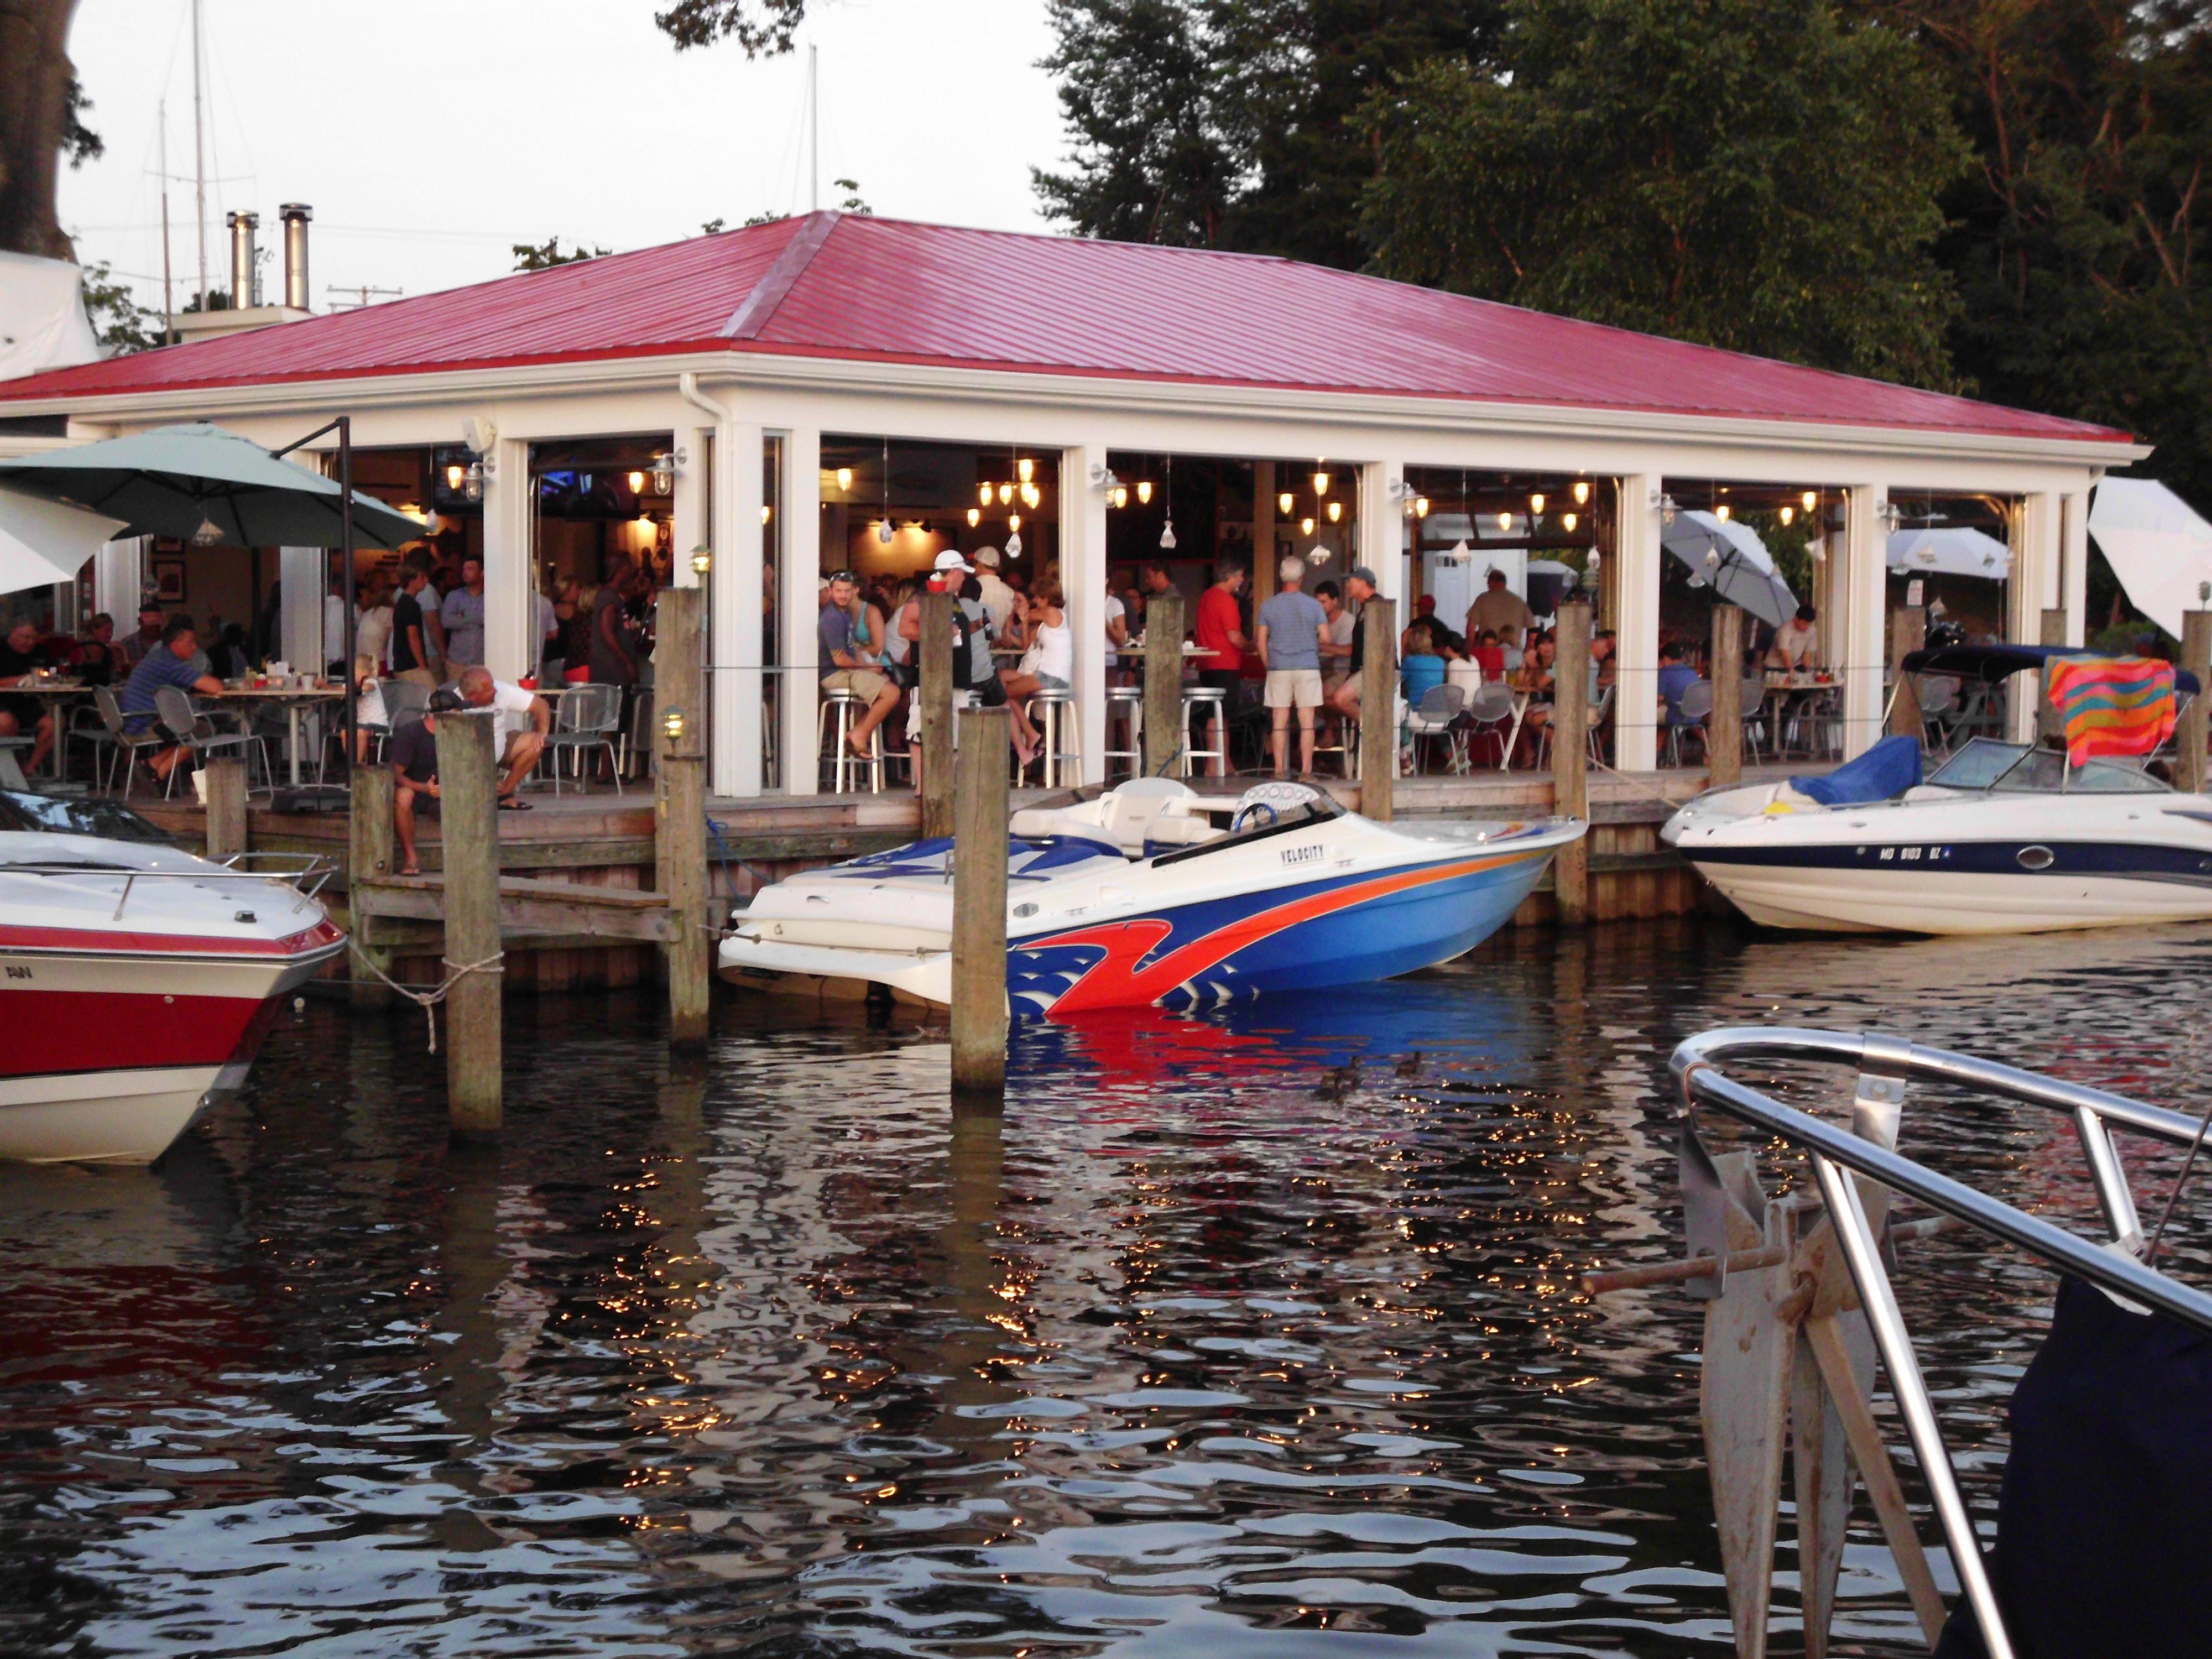 Greater Annapolis Restaurants Waterview Writer Gary Garth